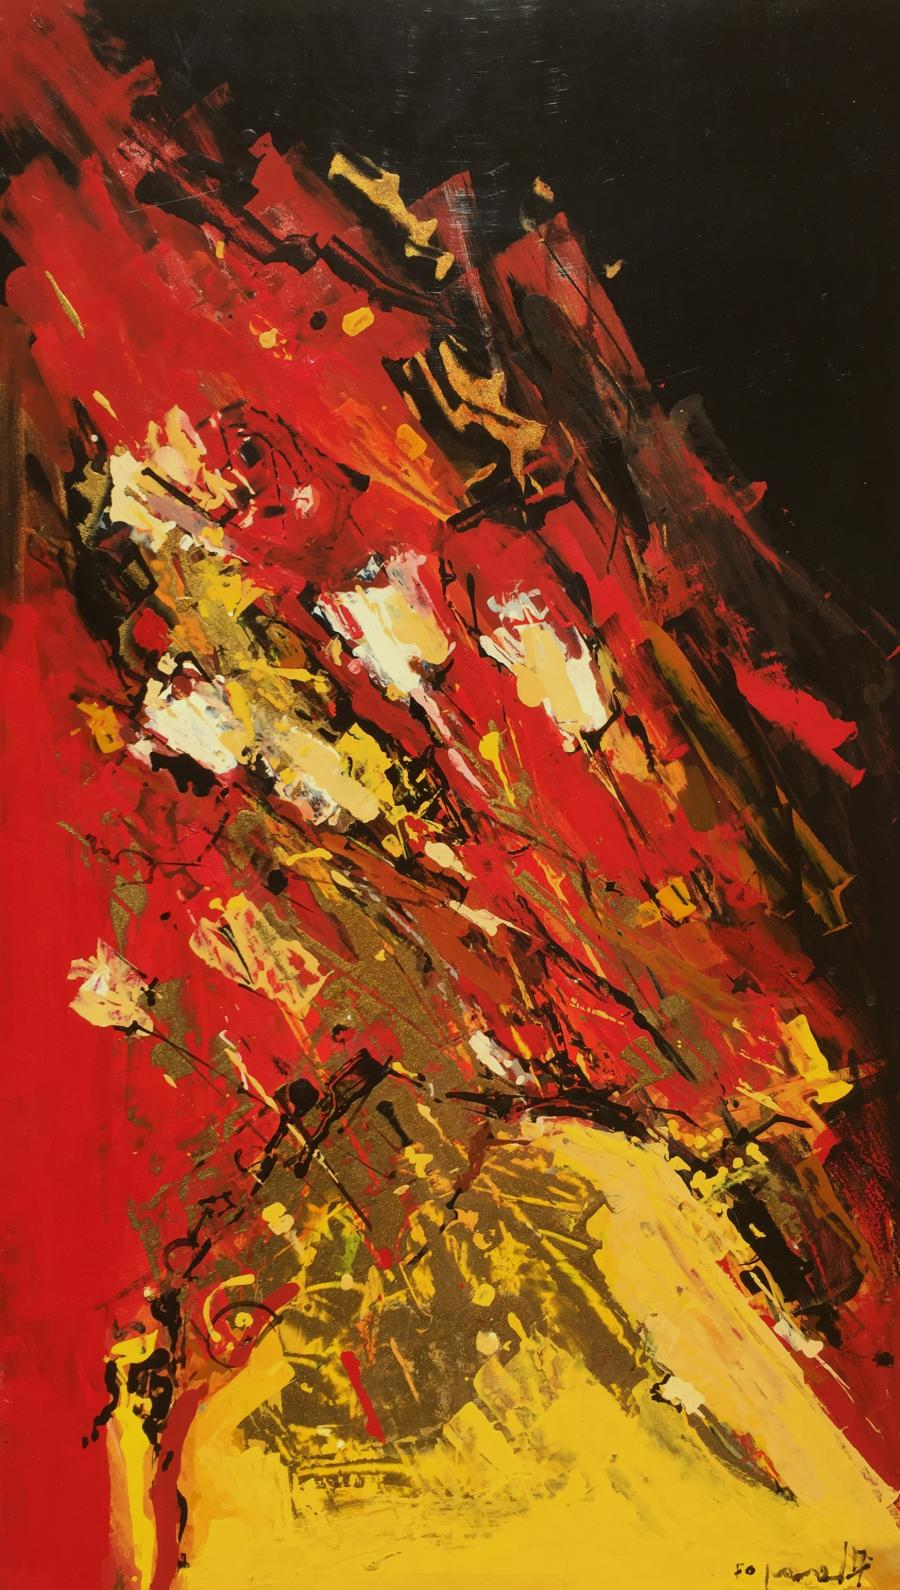 Laque de l'artiste peintre René Lemay représentant un bouquet de fleurs.